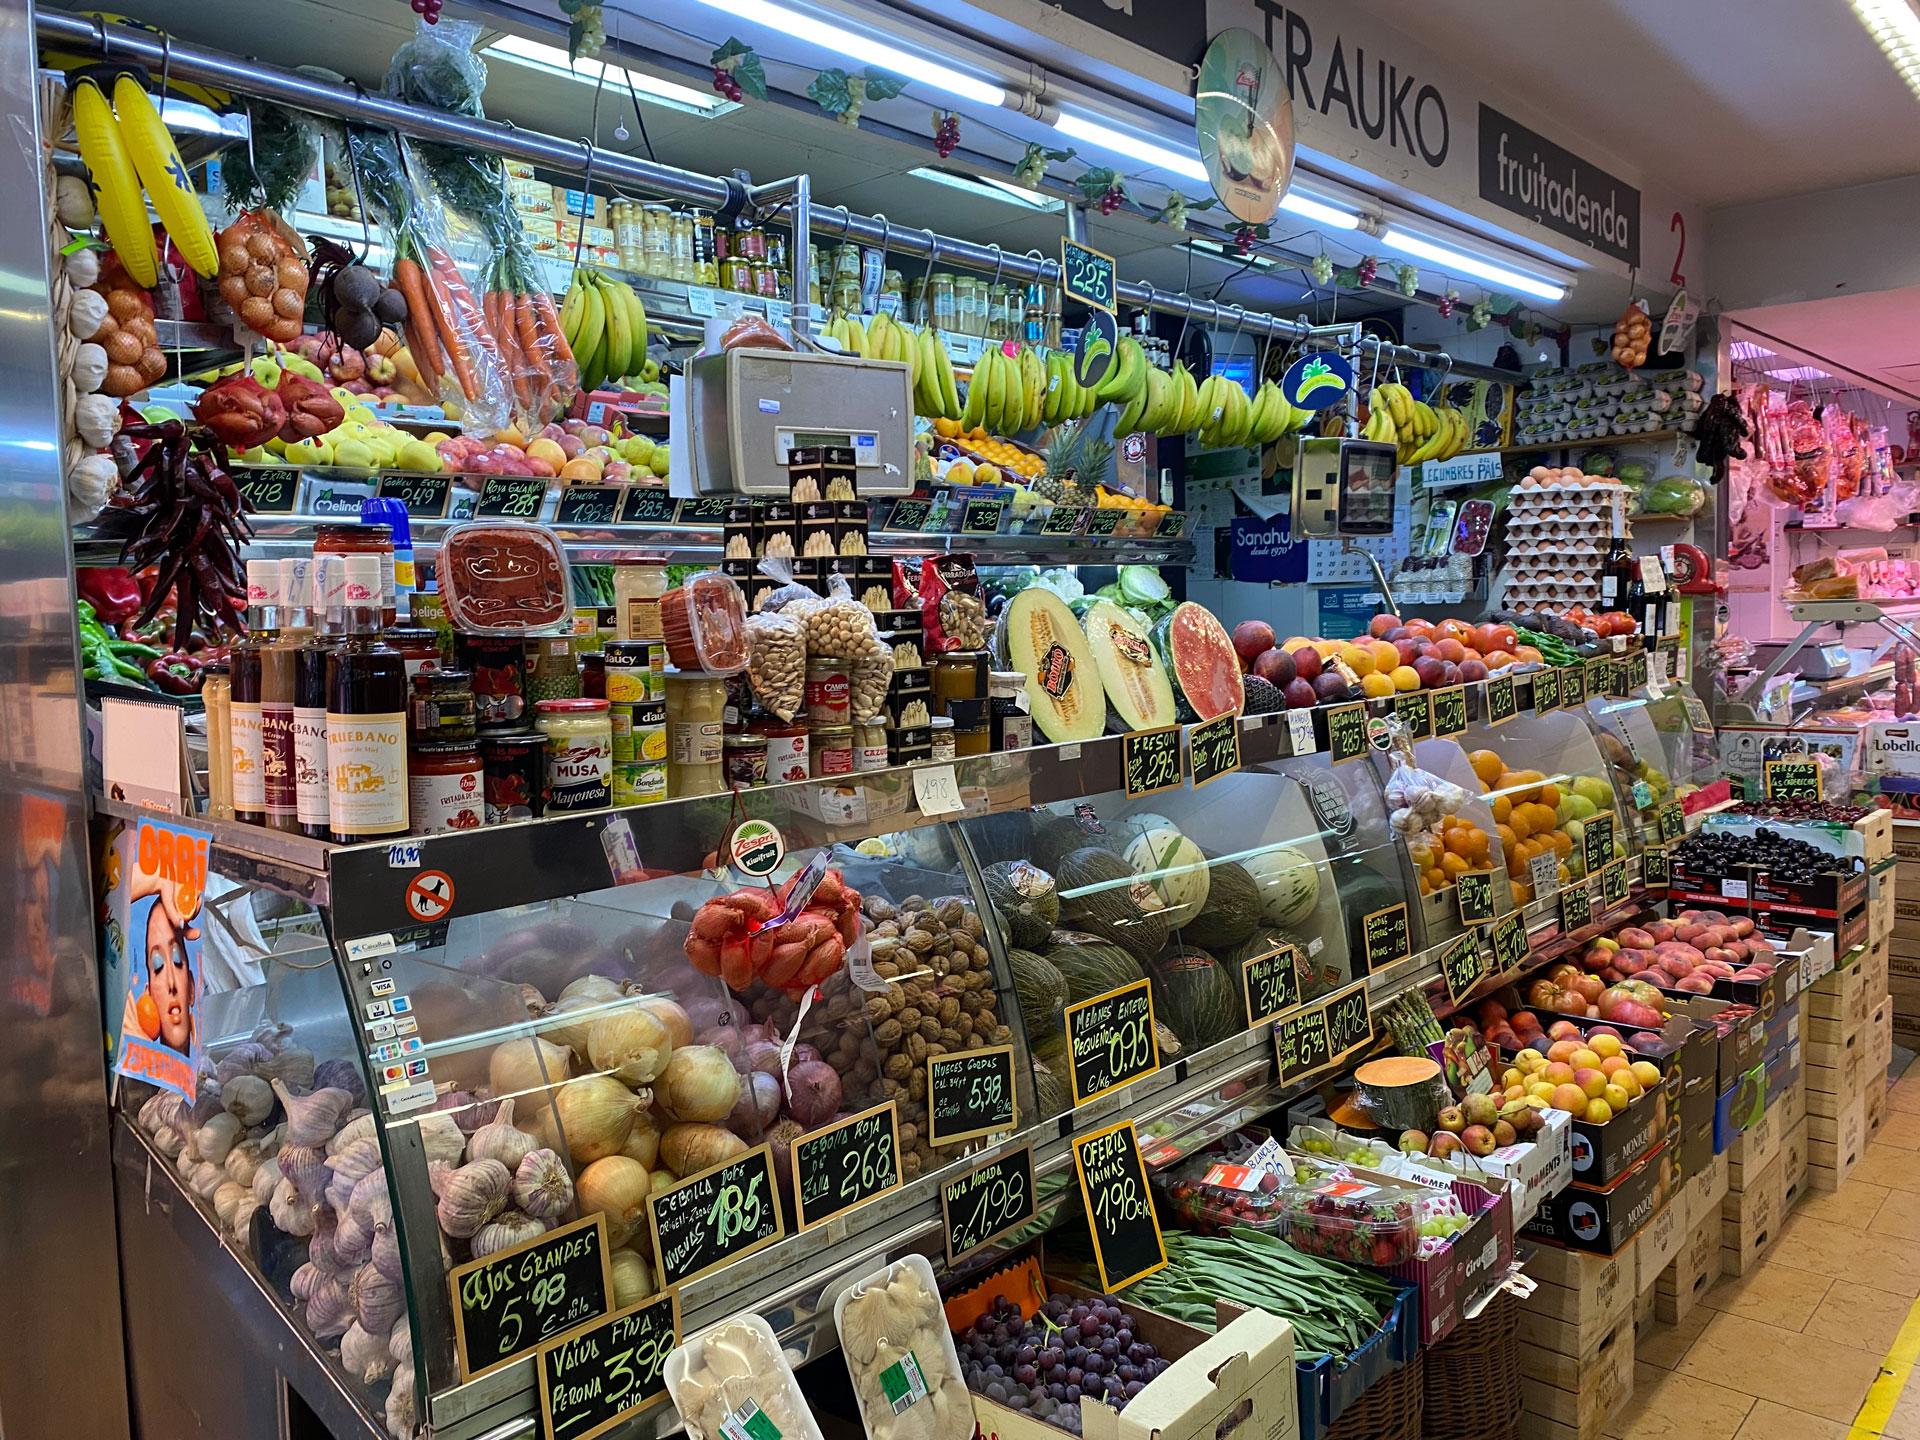 Mercado de Trauko